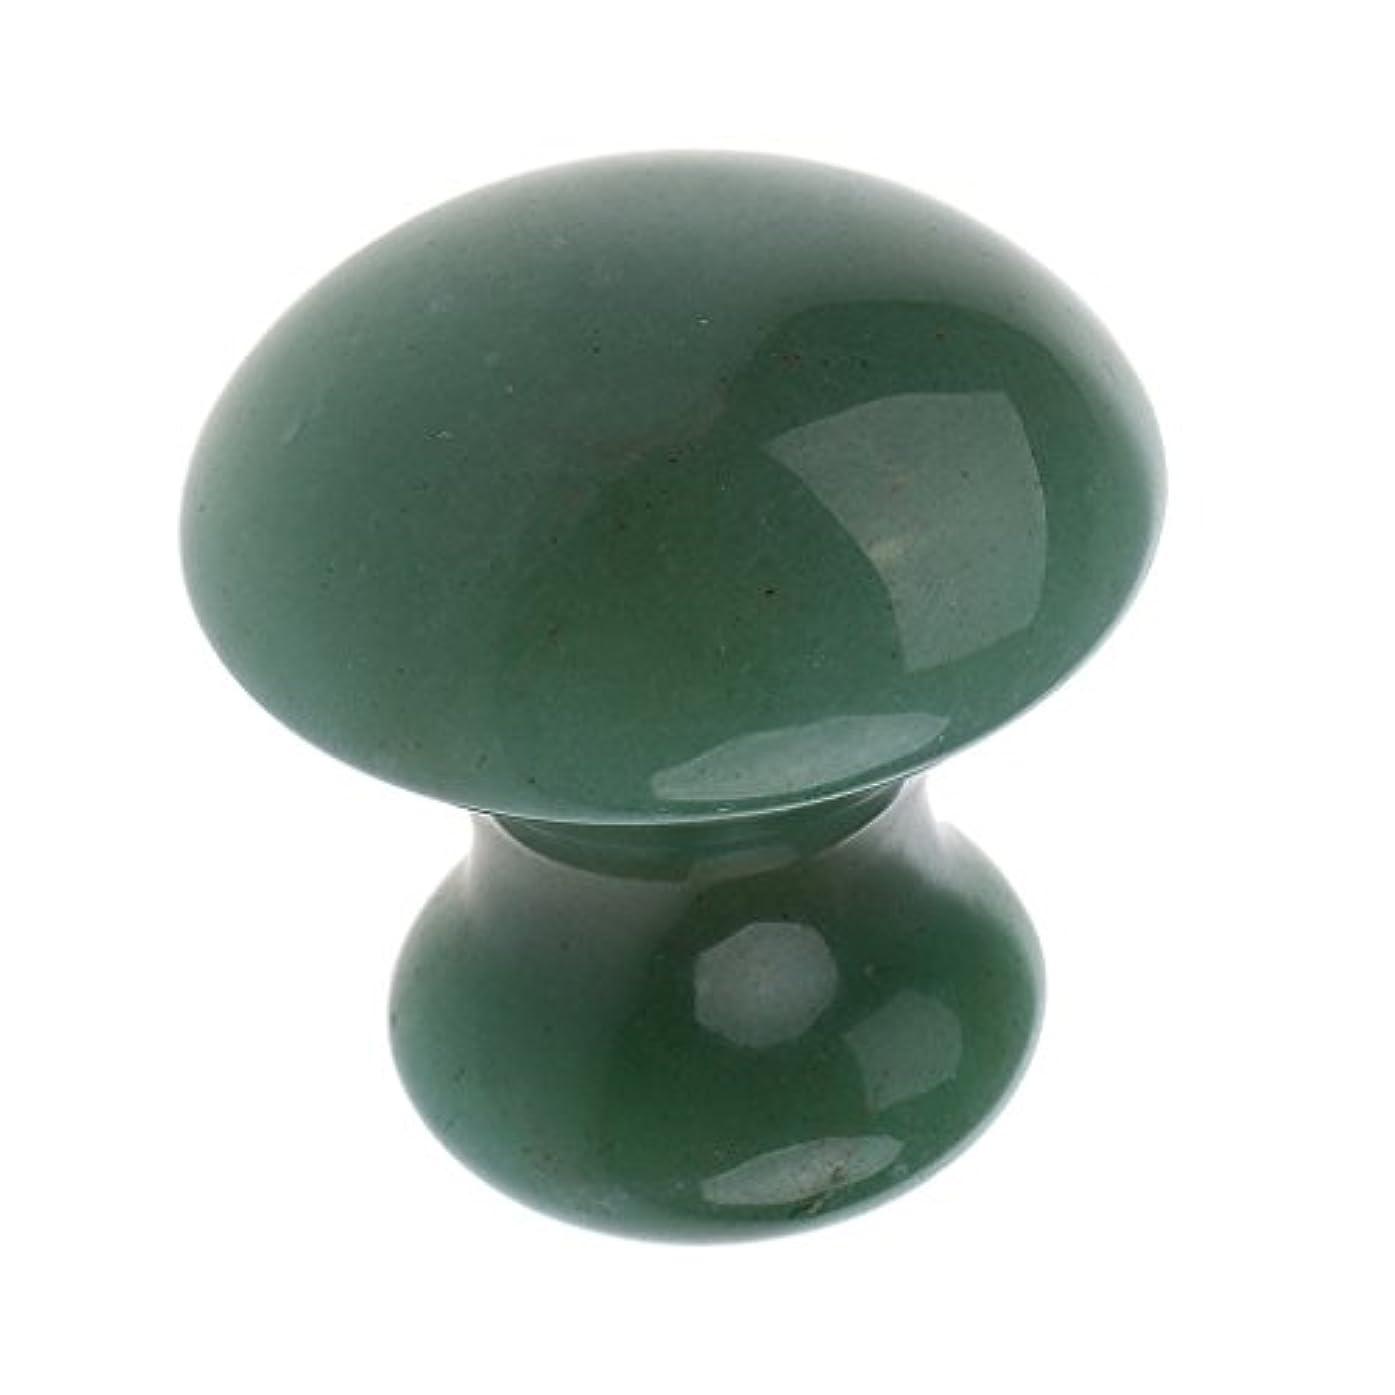 期間葉っぱ燃やすマッサージストーン マッシュルーム スパ SPA ストーン スキンケア リラックス 2色選べる - 緑